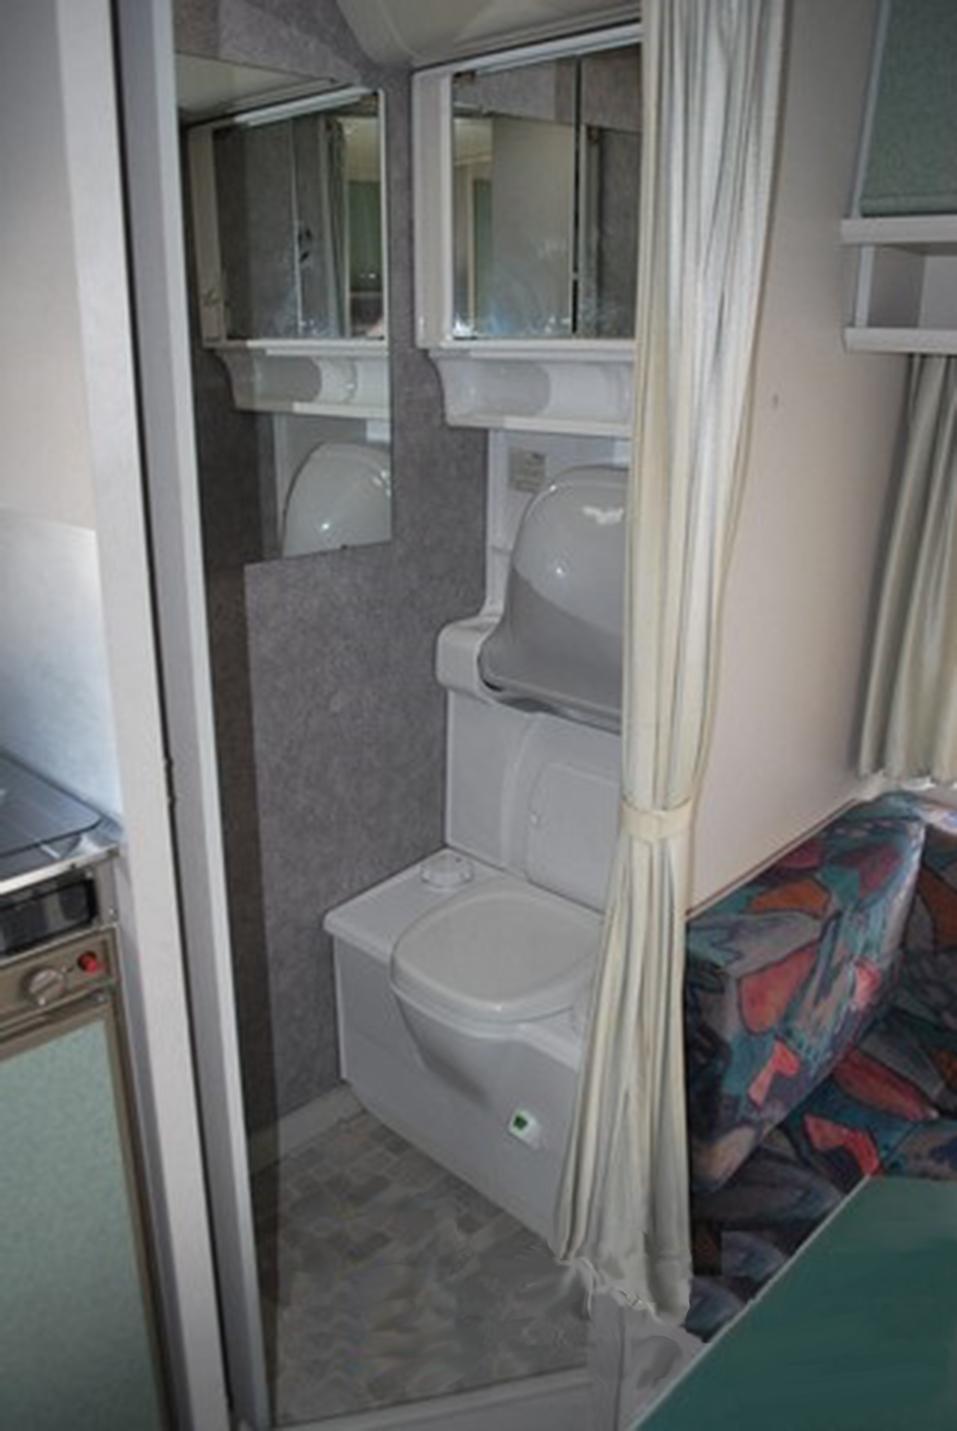 «Обслуживание одного прицепа стоит 2 тыс. руб.». Как заработать на доме на колесах / ОПЫТ 4